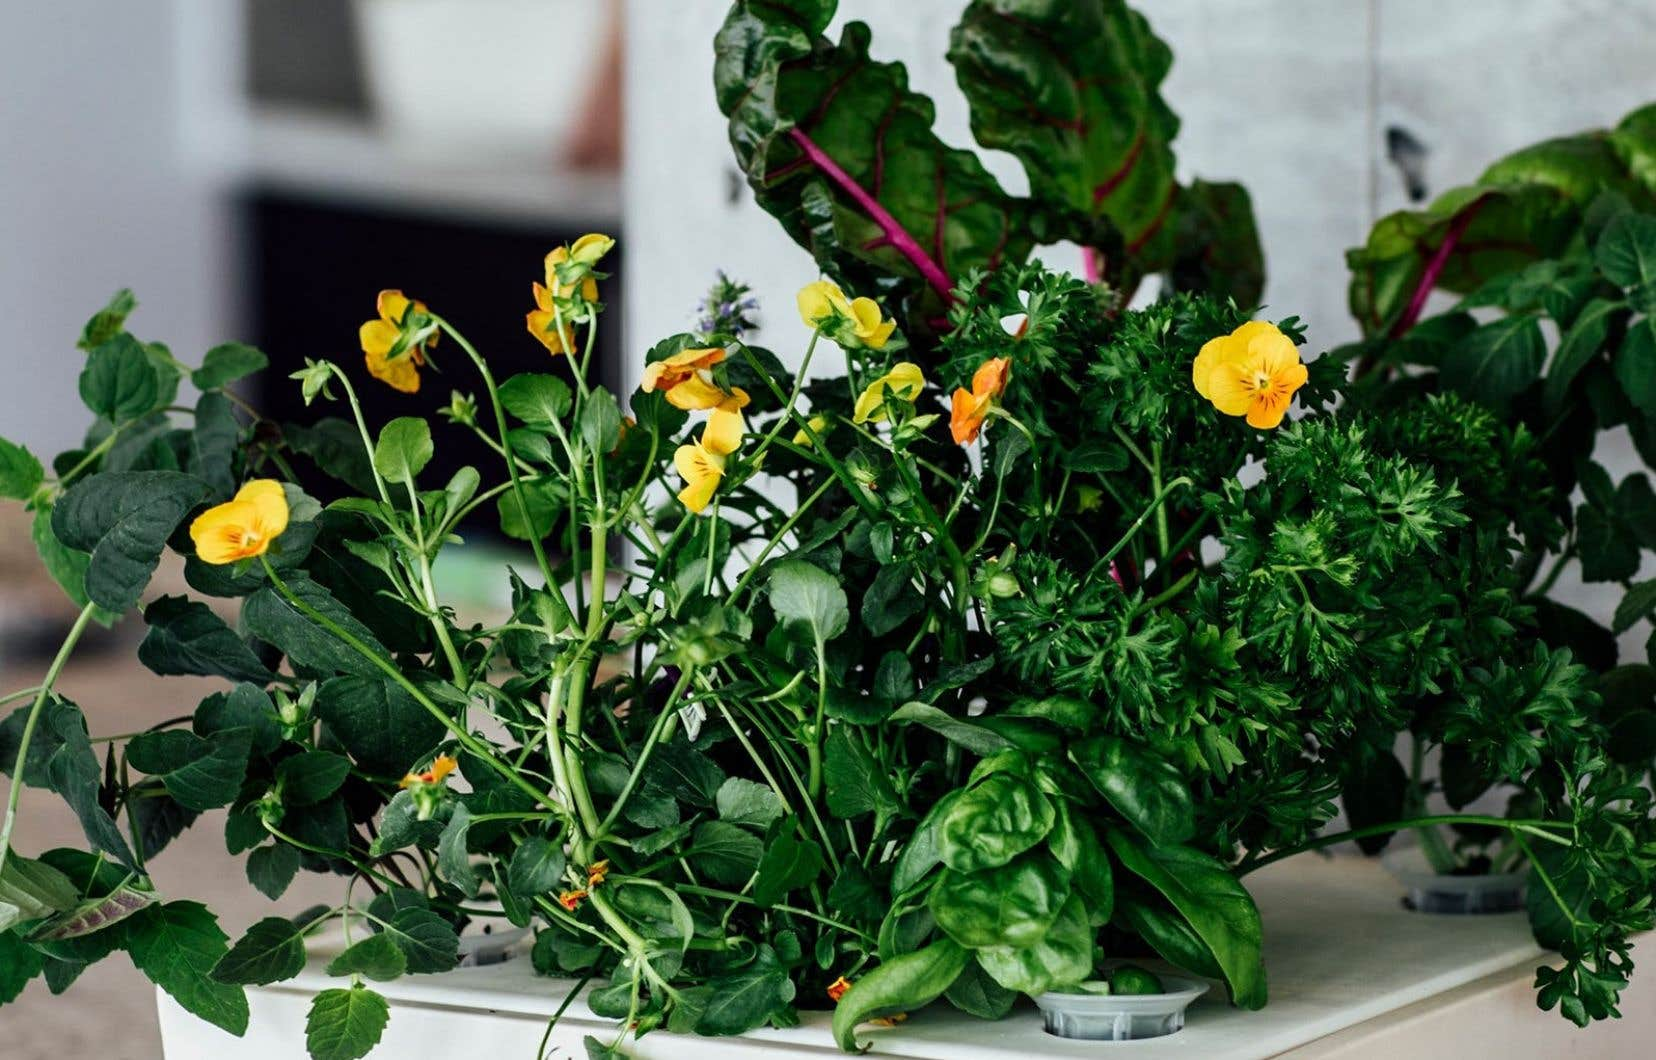 Les modèles de culture en terre ou hors sol sont de plus en plus nombreux. Sur la photo, le jardin HIRTA offert par l'entreprise montréalaise Studio îlot.